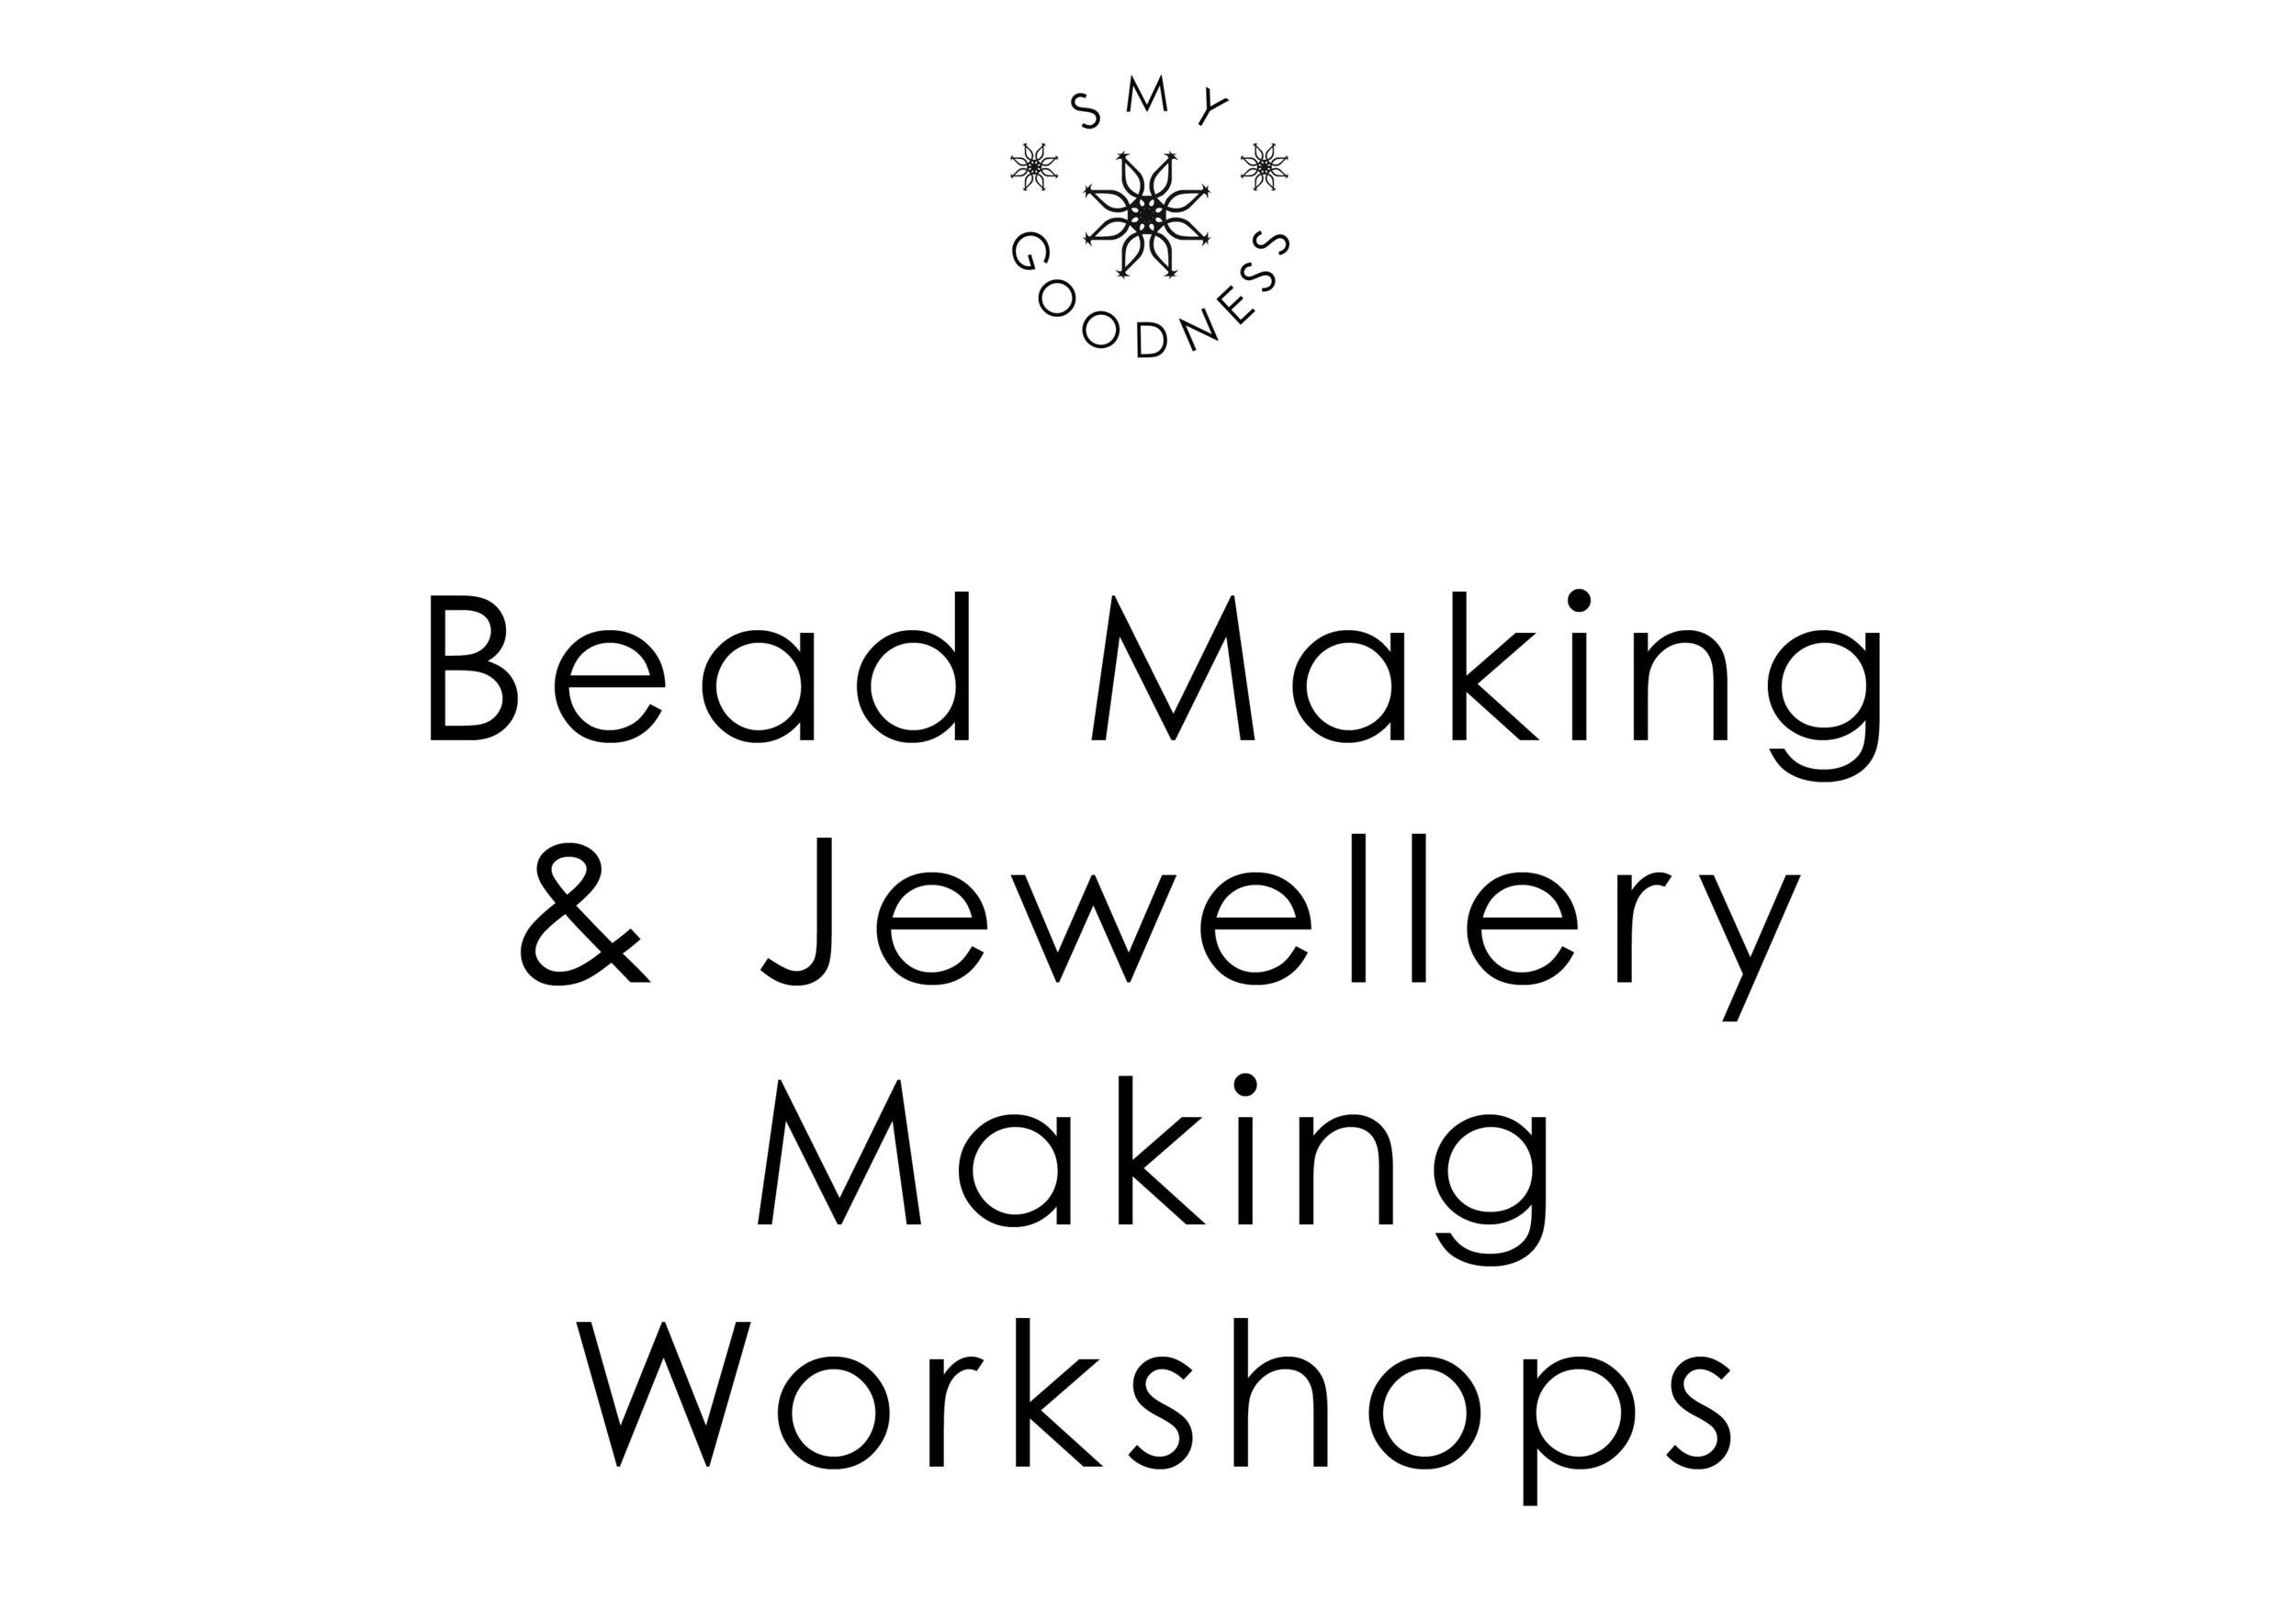 Bead Making & Jewellery Making Workshops